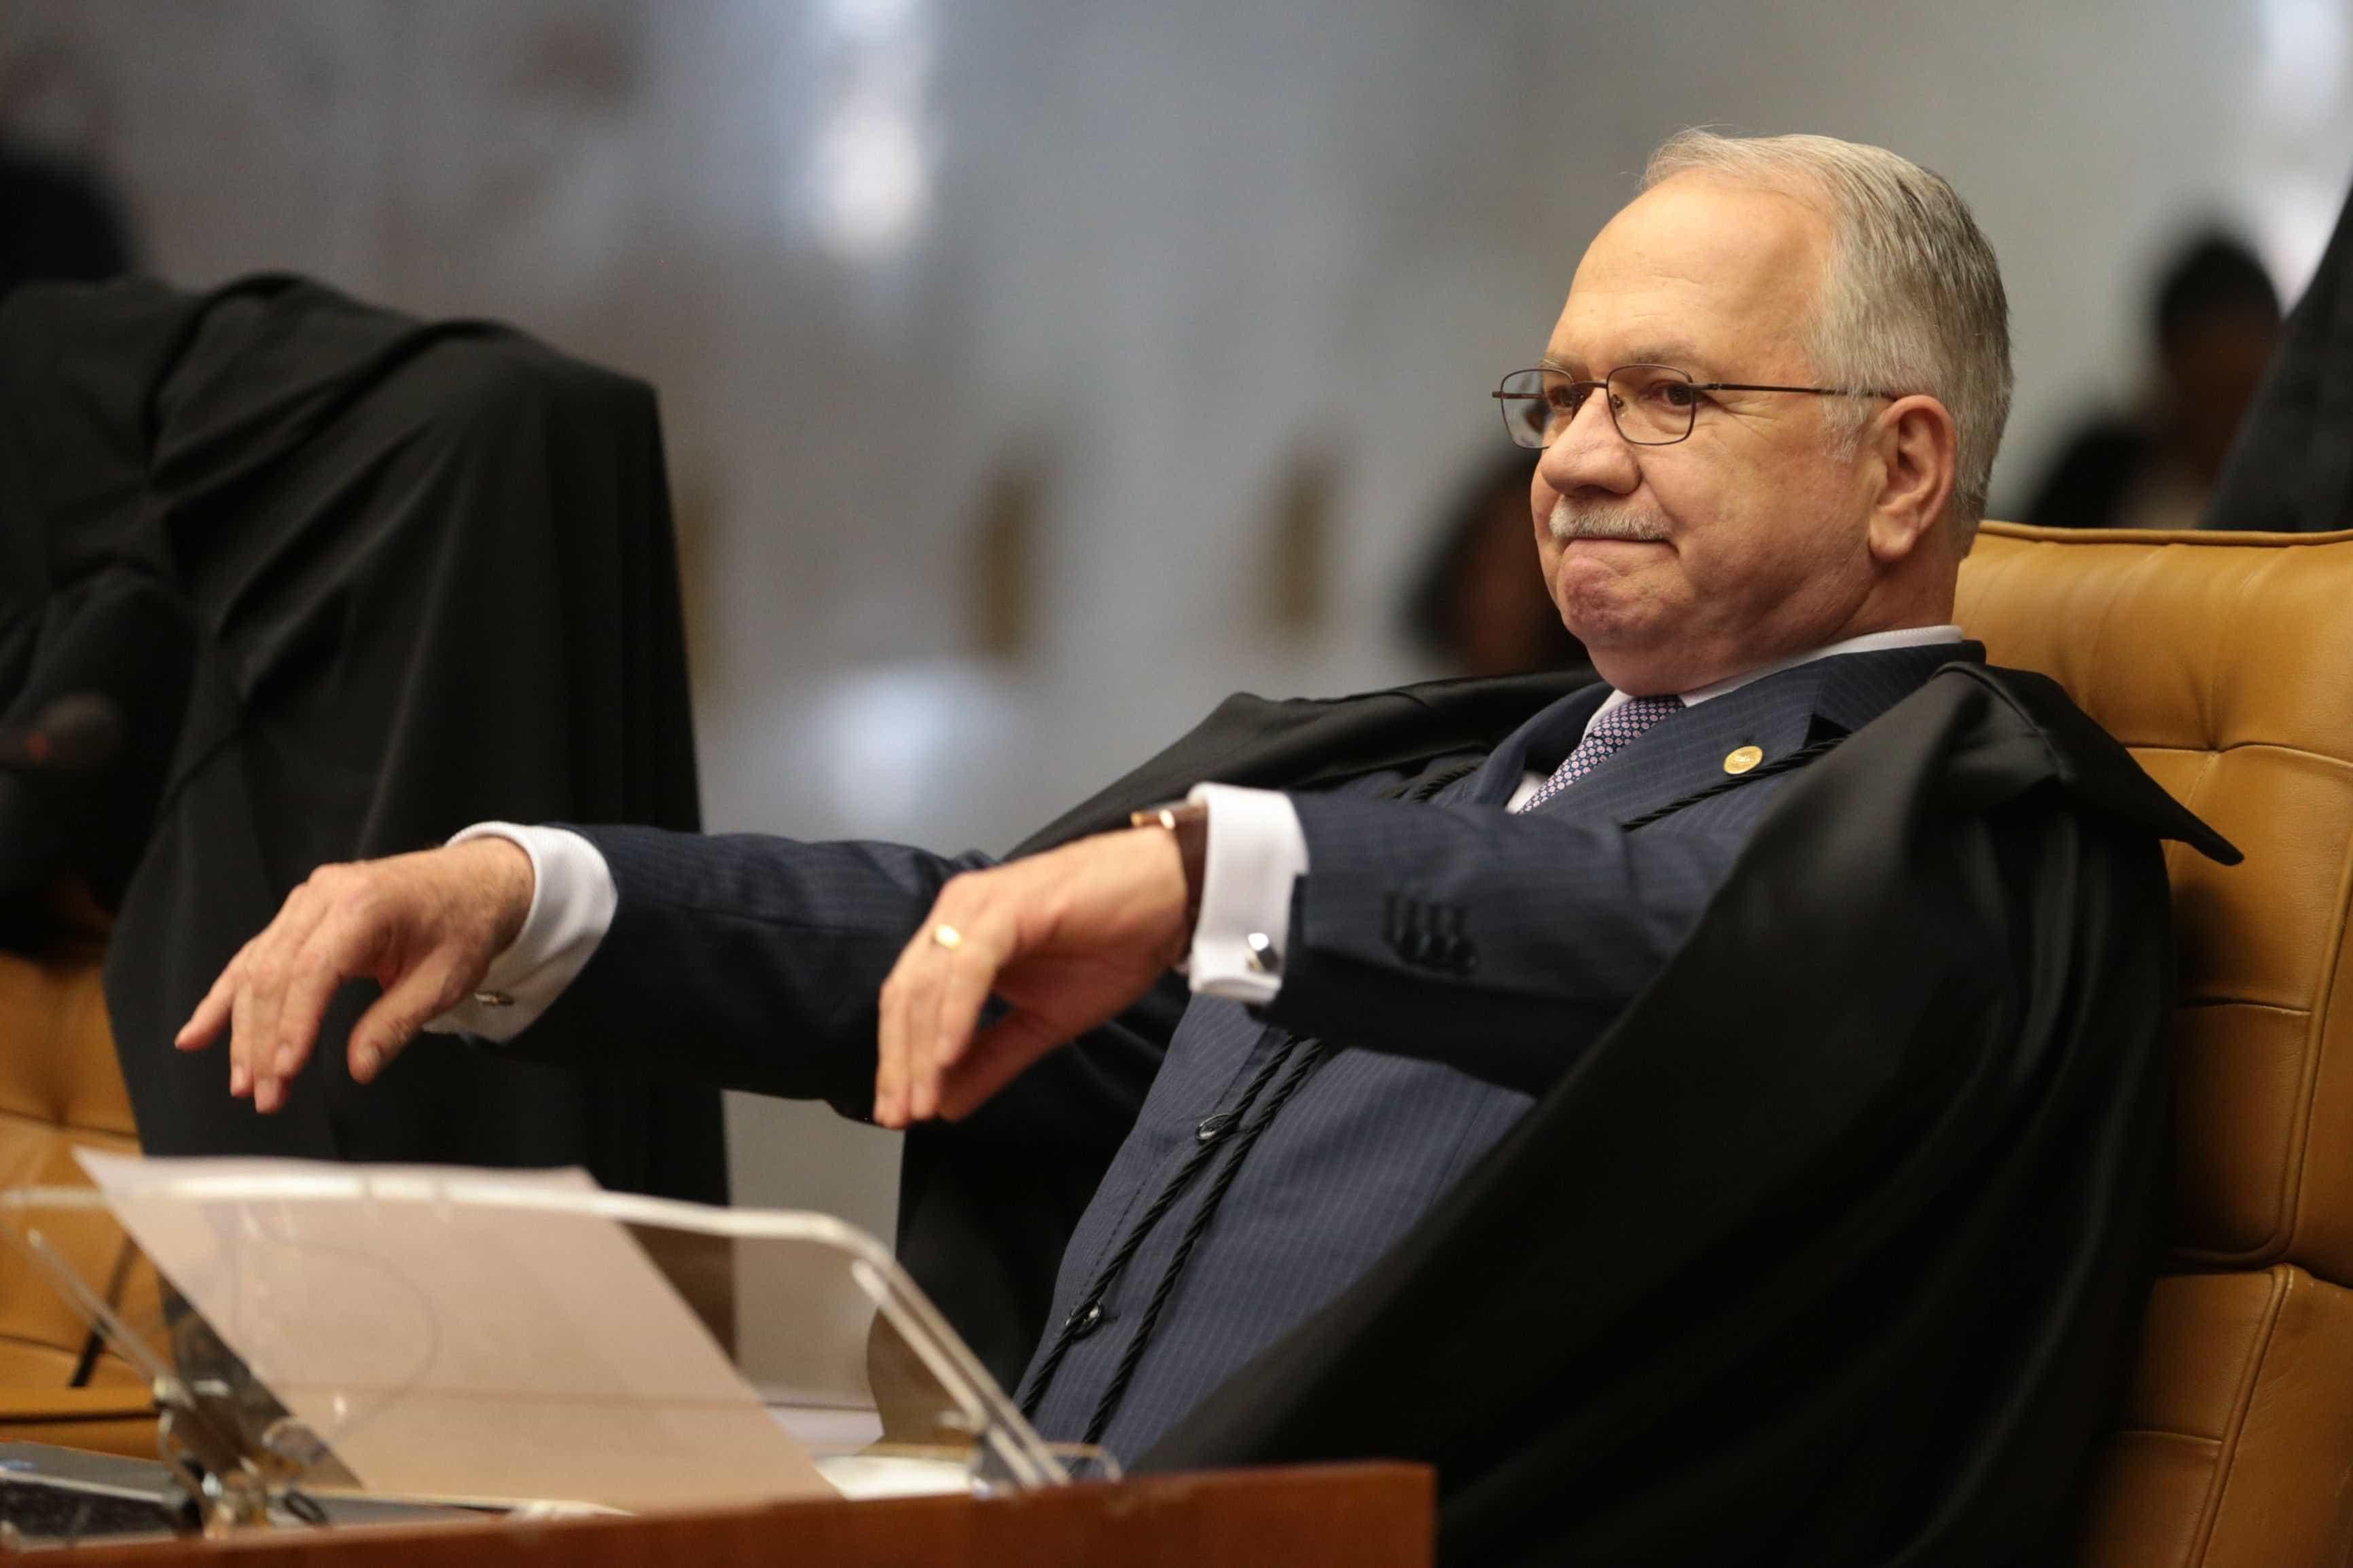 Fachin libera para julgamento no plenário recurso de Lula contra prisão